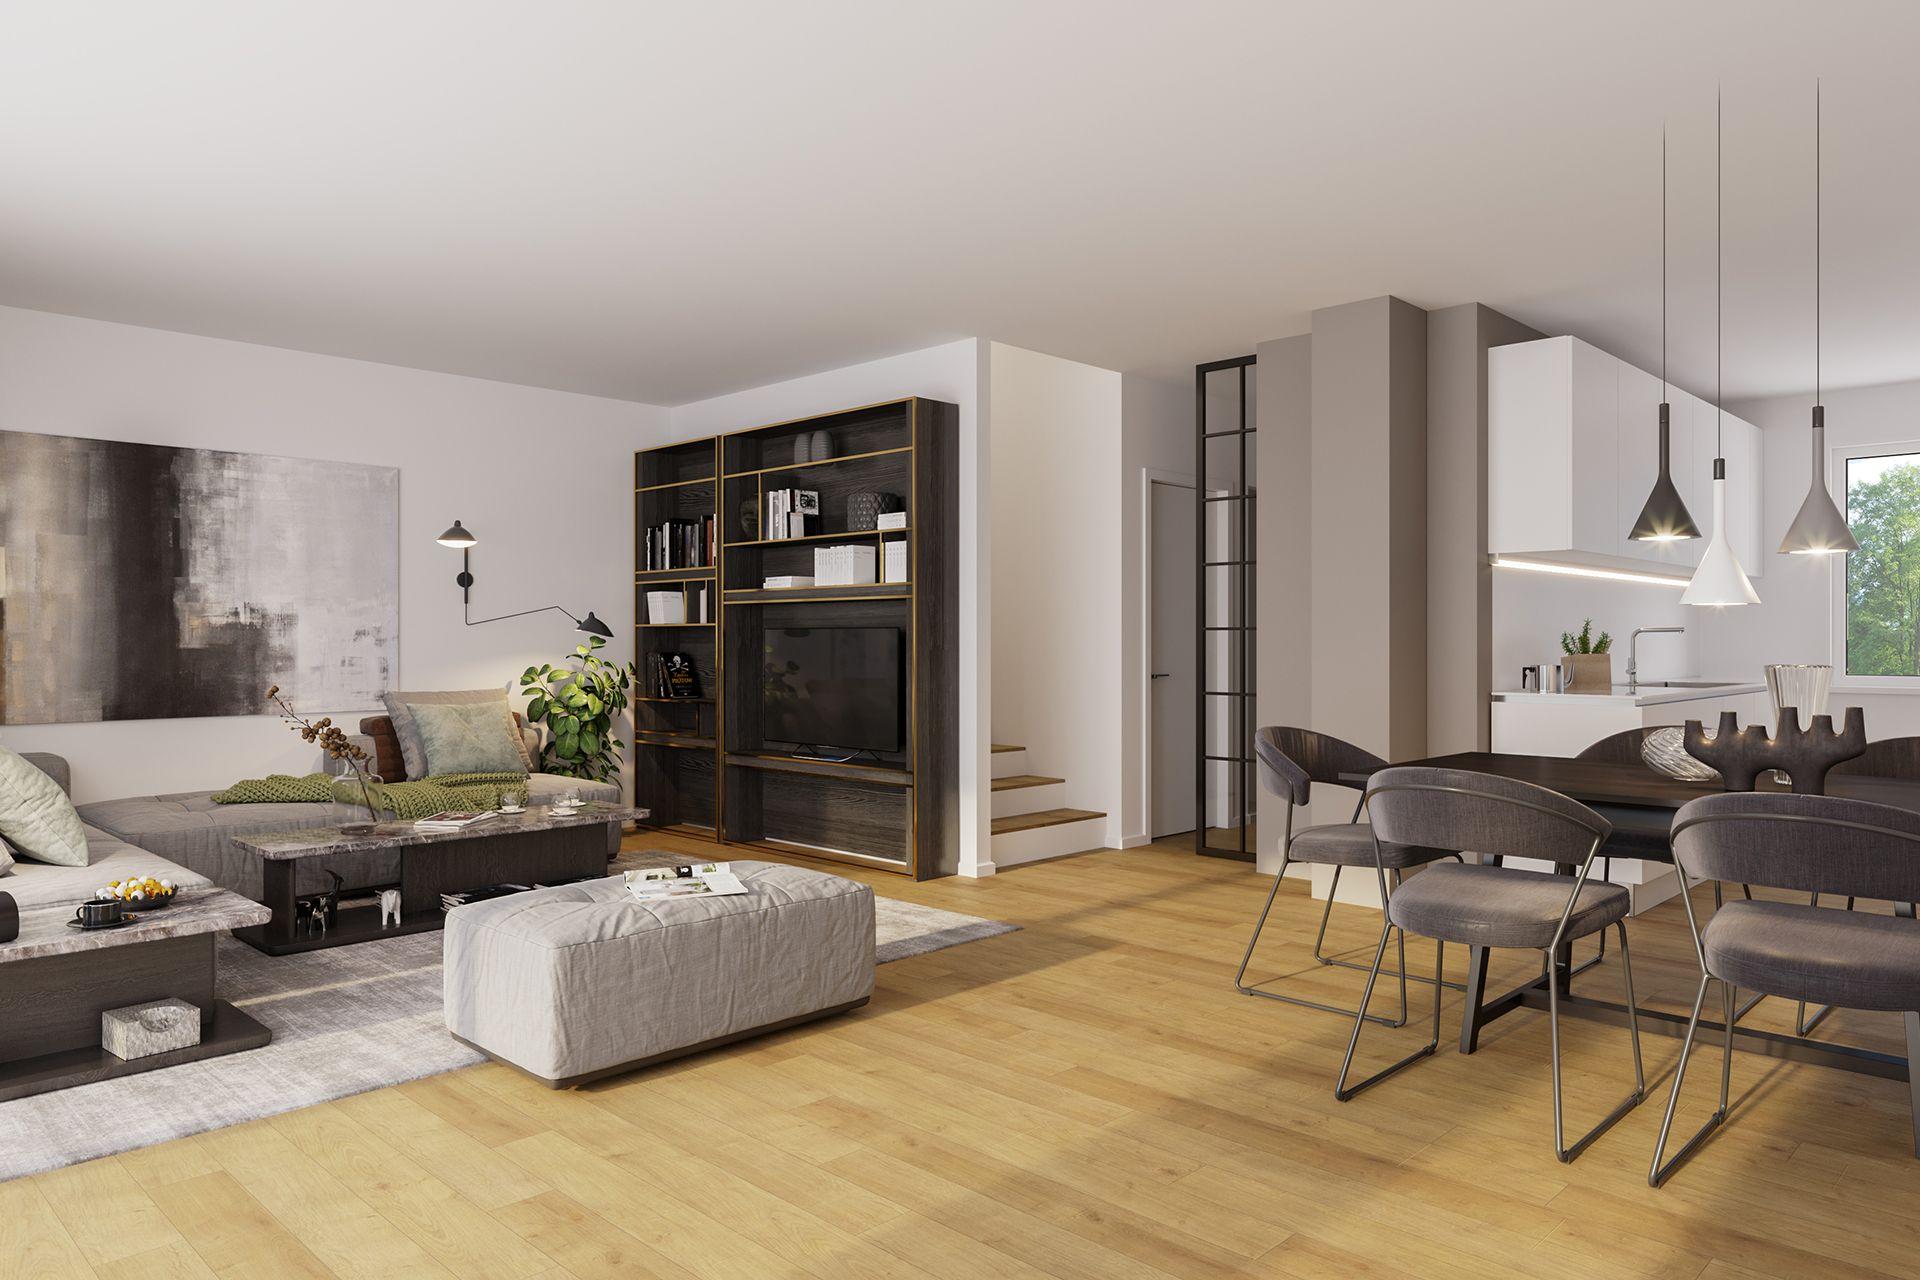 Interiorvisualisierung: Wohnzimmer von Reihenhaus Unterwaltersdorf, Niederösterreich